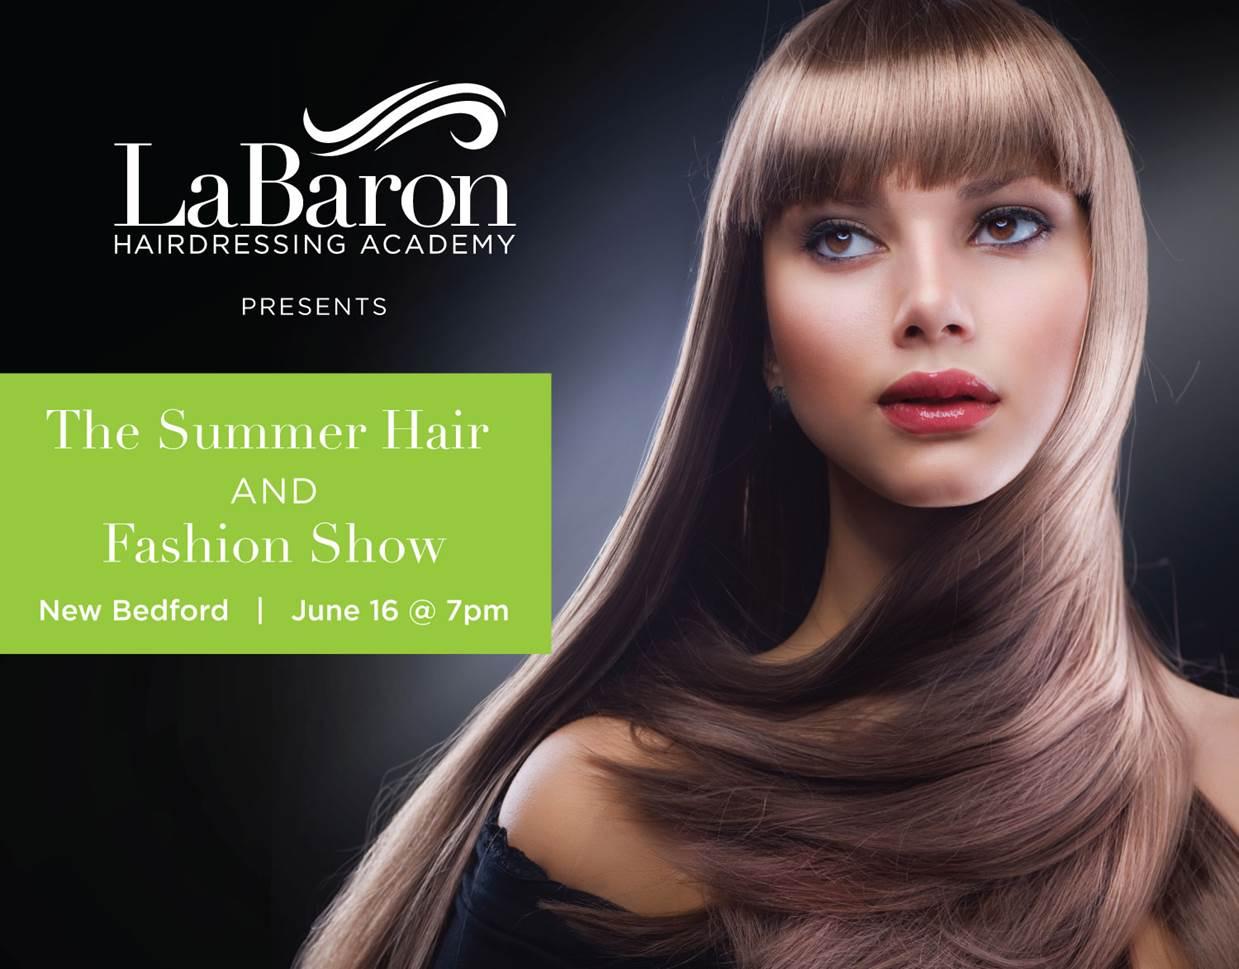 Labaron Hair & Fashion Show